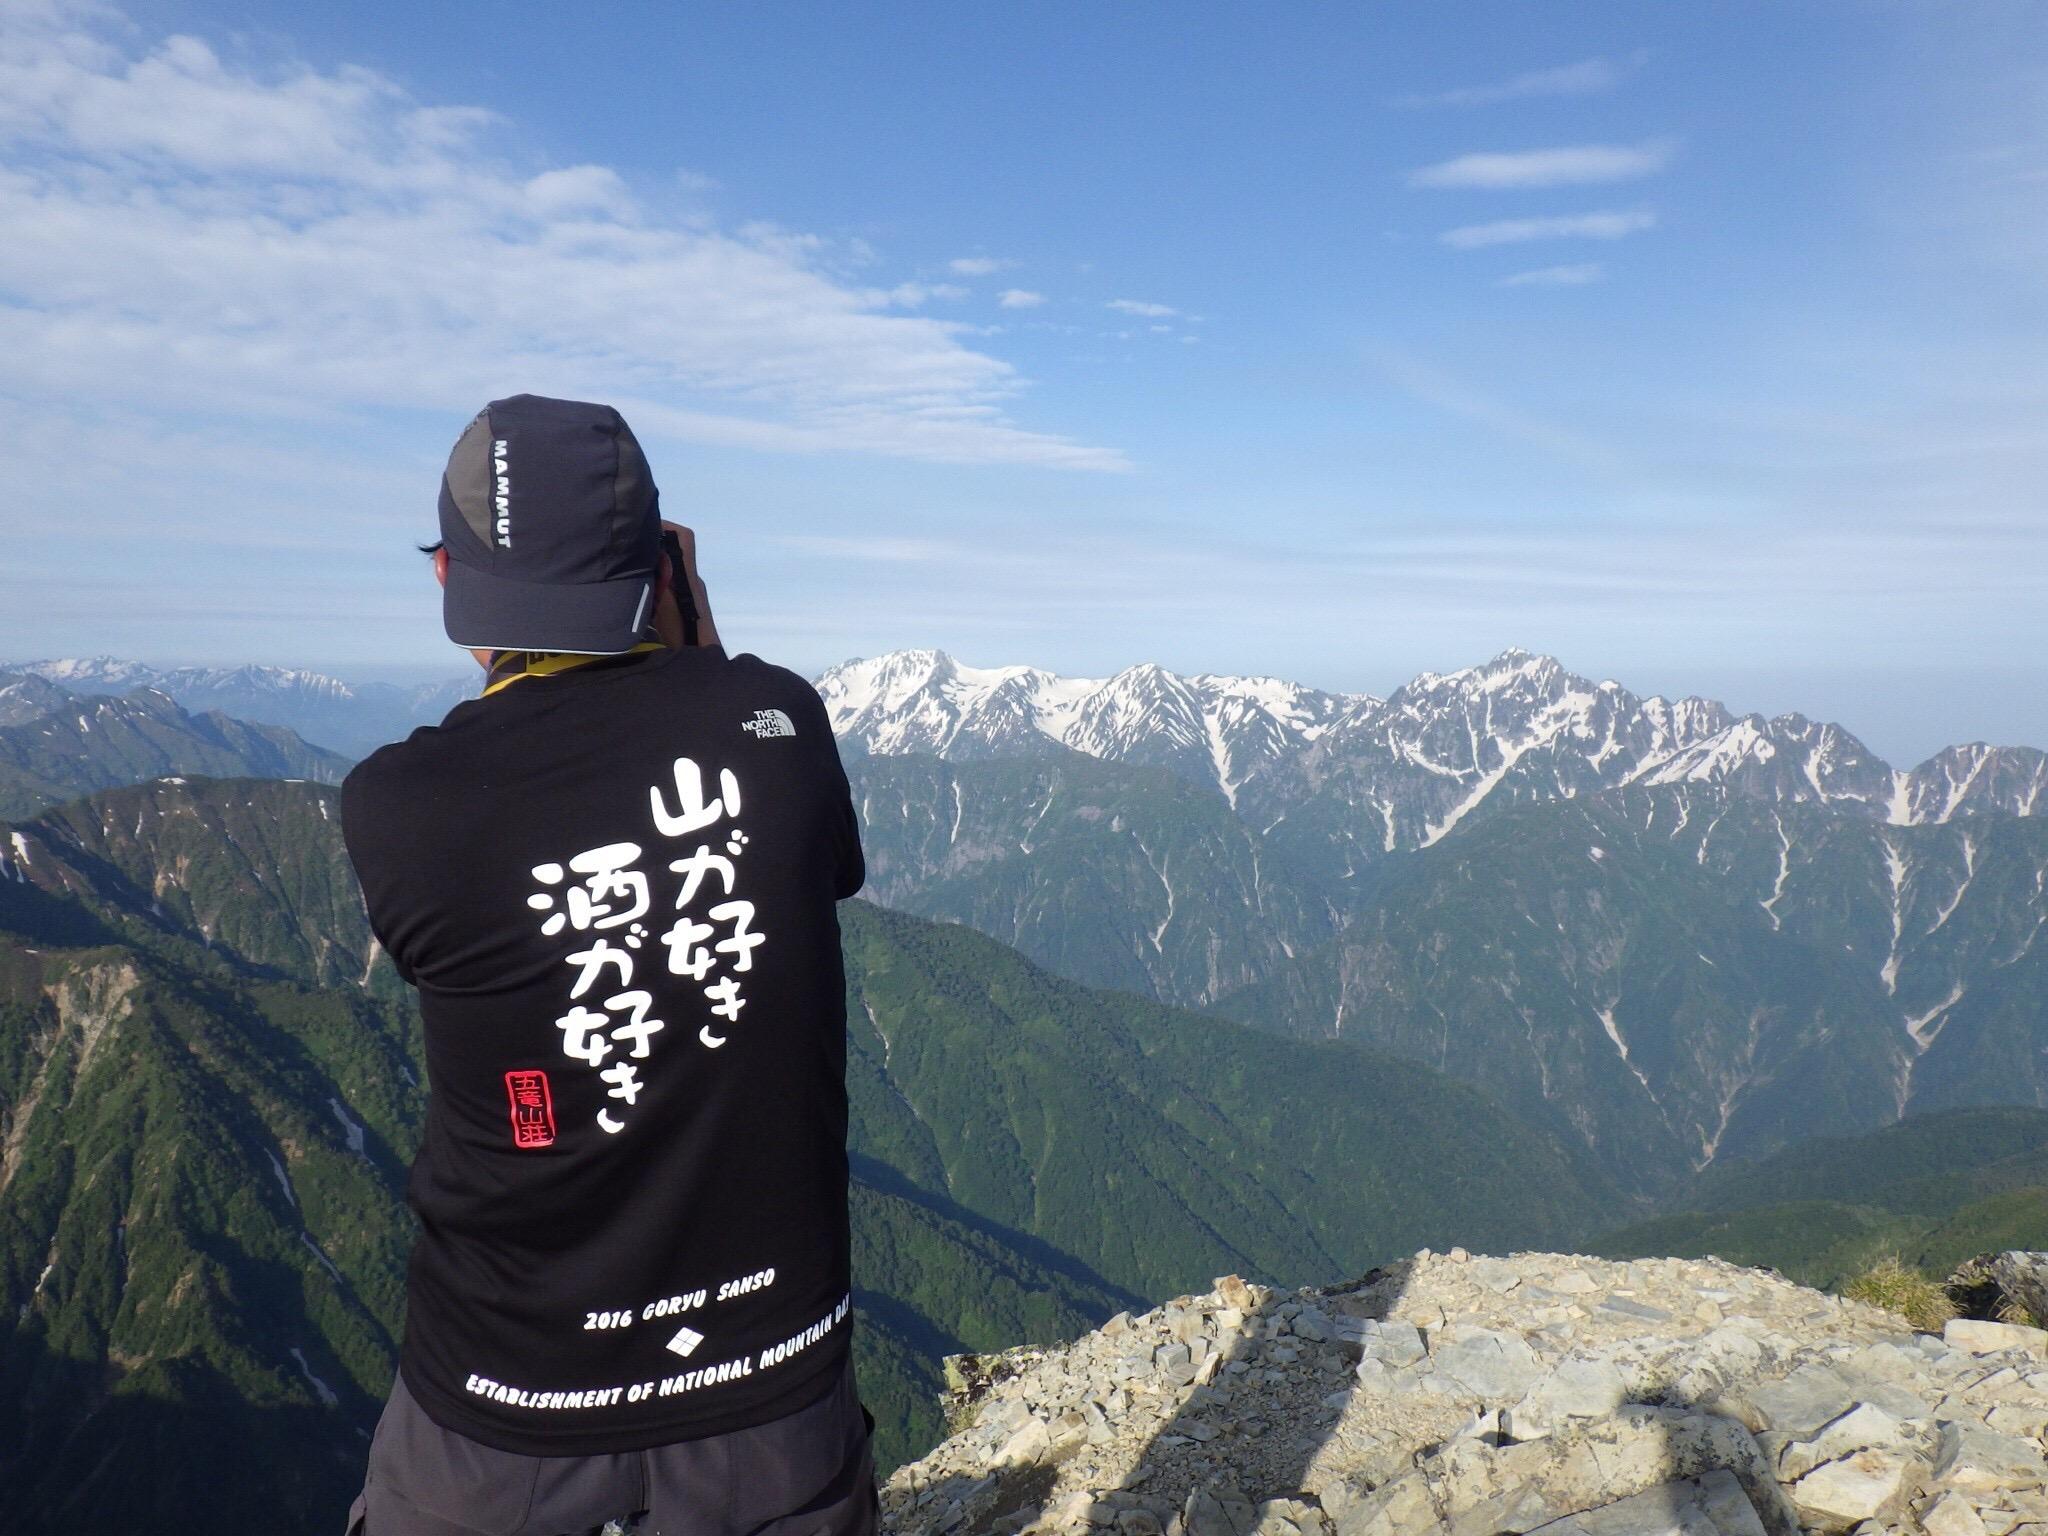 IMG 1566 - プロフィール「くりさん@山岳写真ブロガーの誕生」